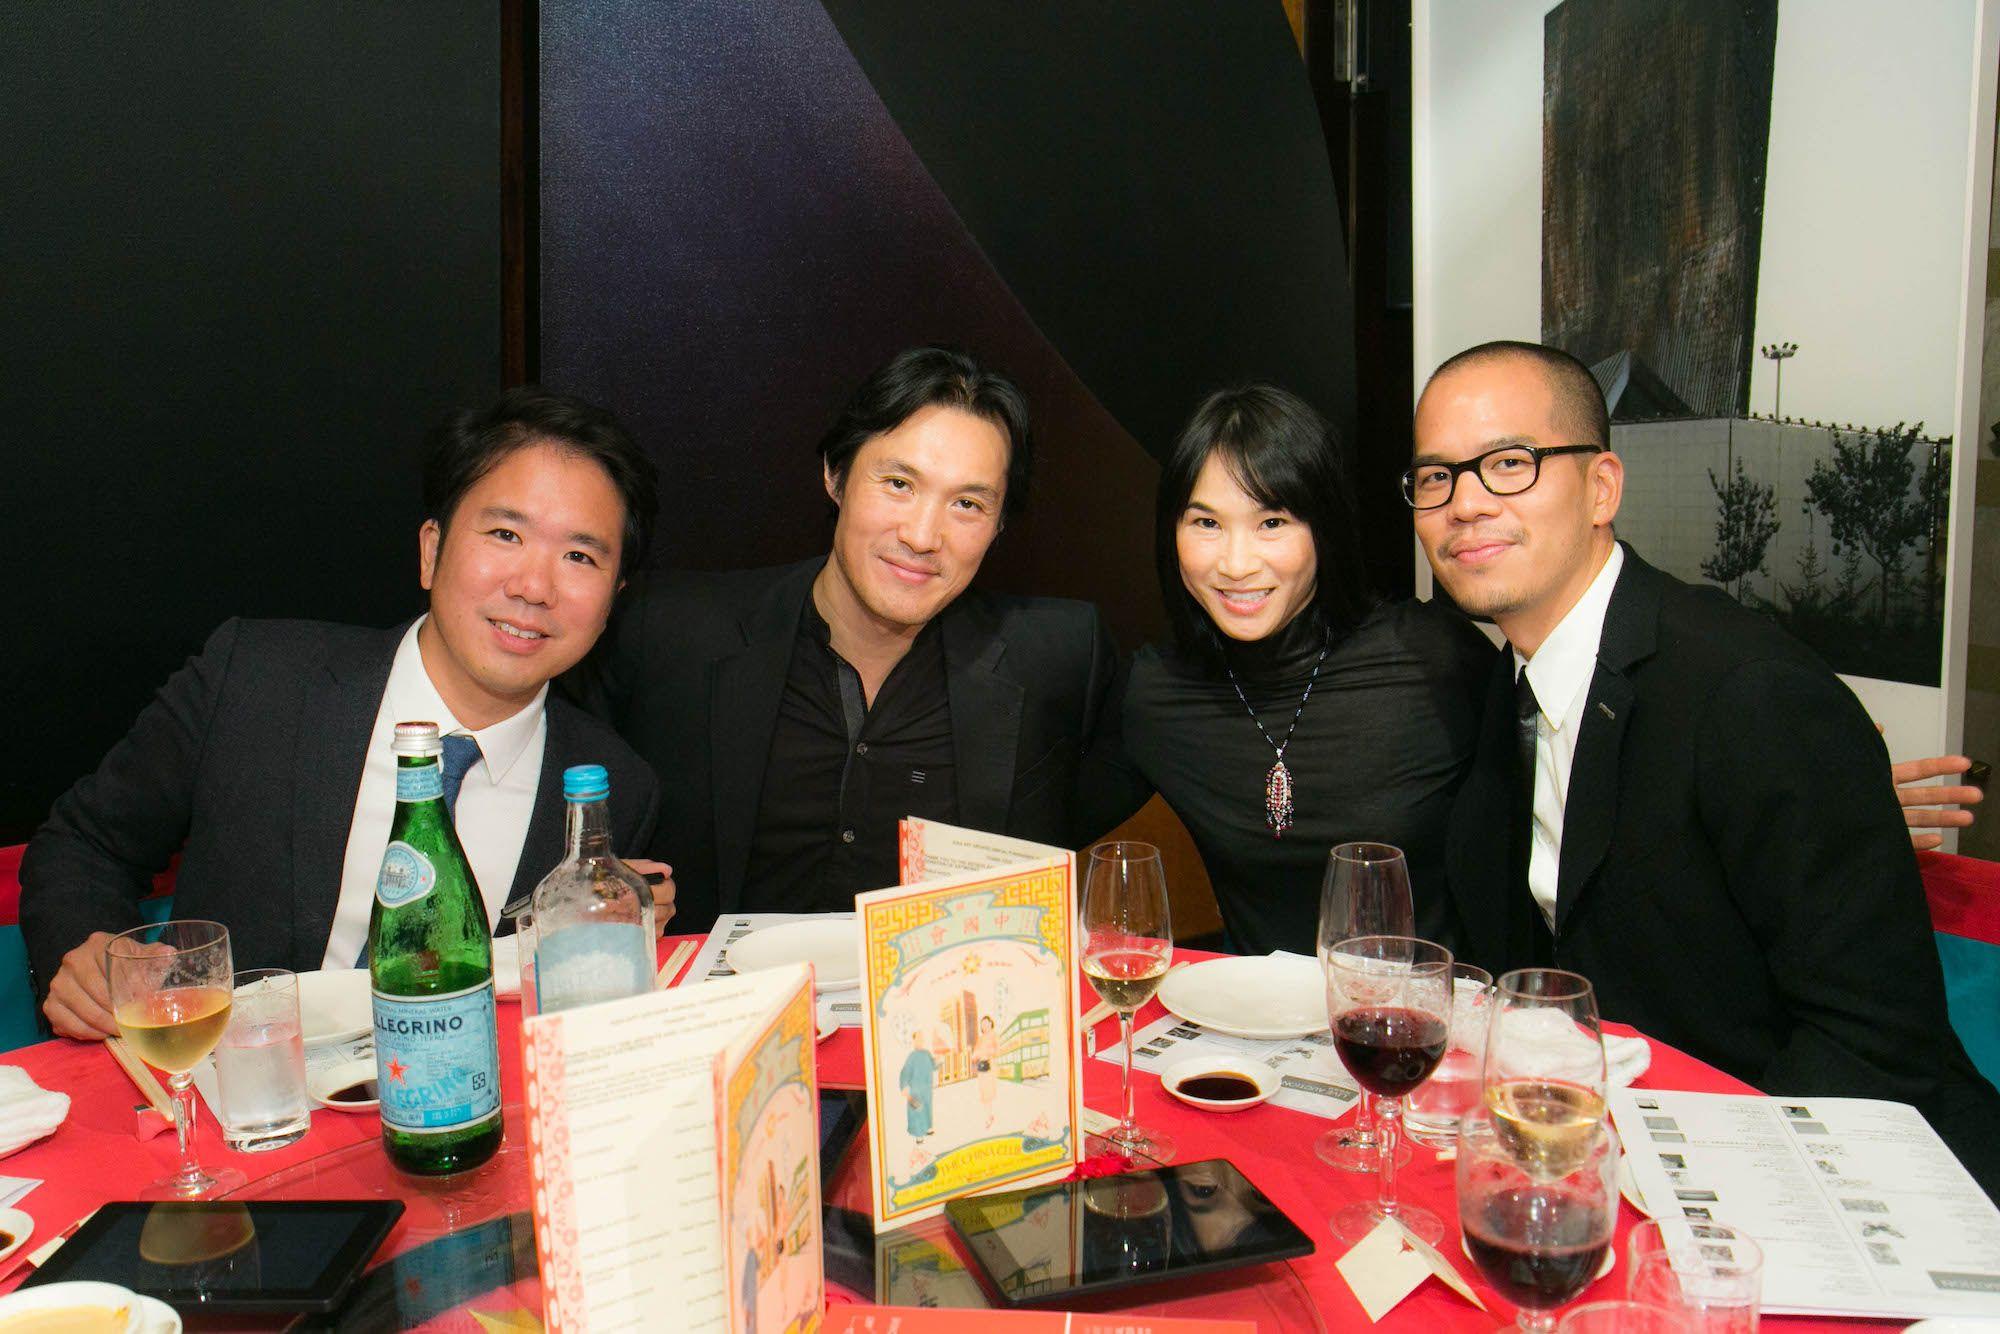 Kenzo Watari, Hing Chao, Vicentia Chao, Stephen Cheng